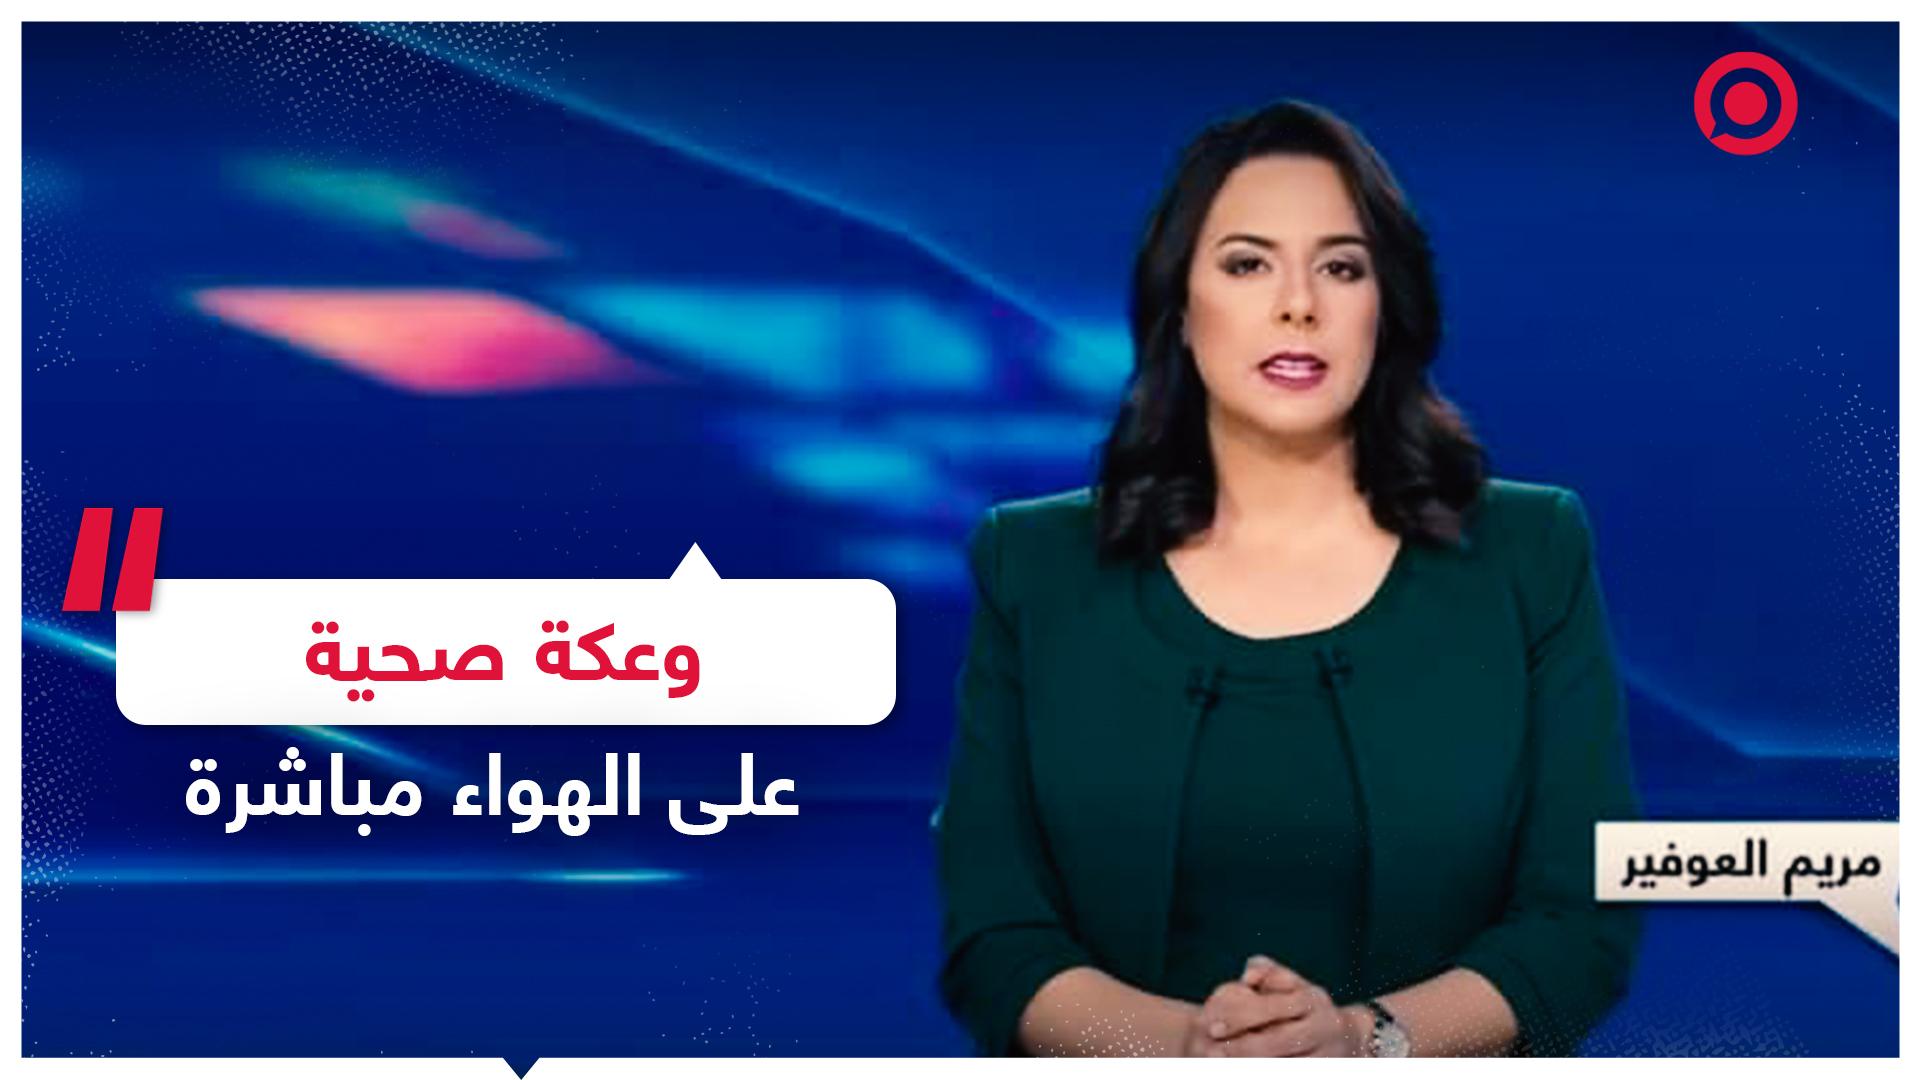 #المغرب #مذيعة #كورونا